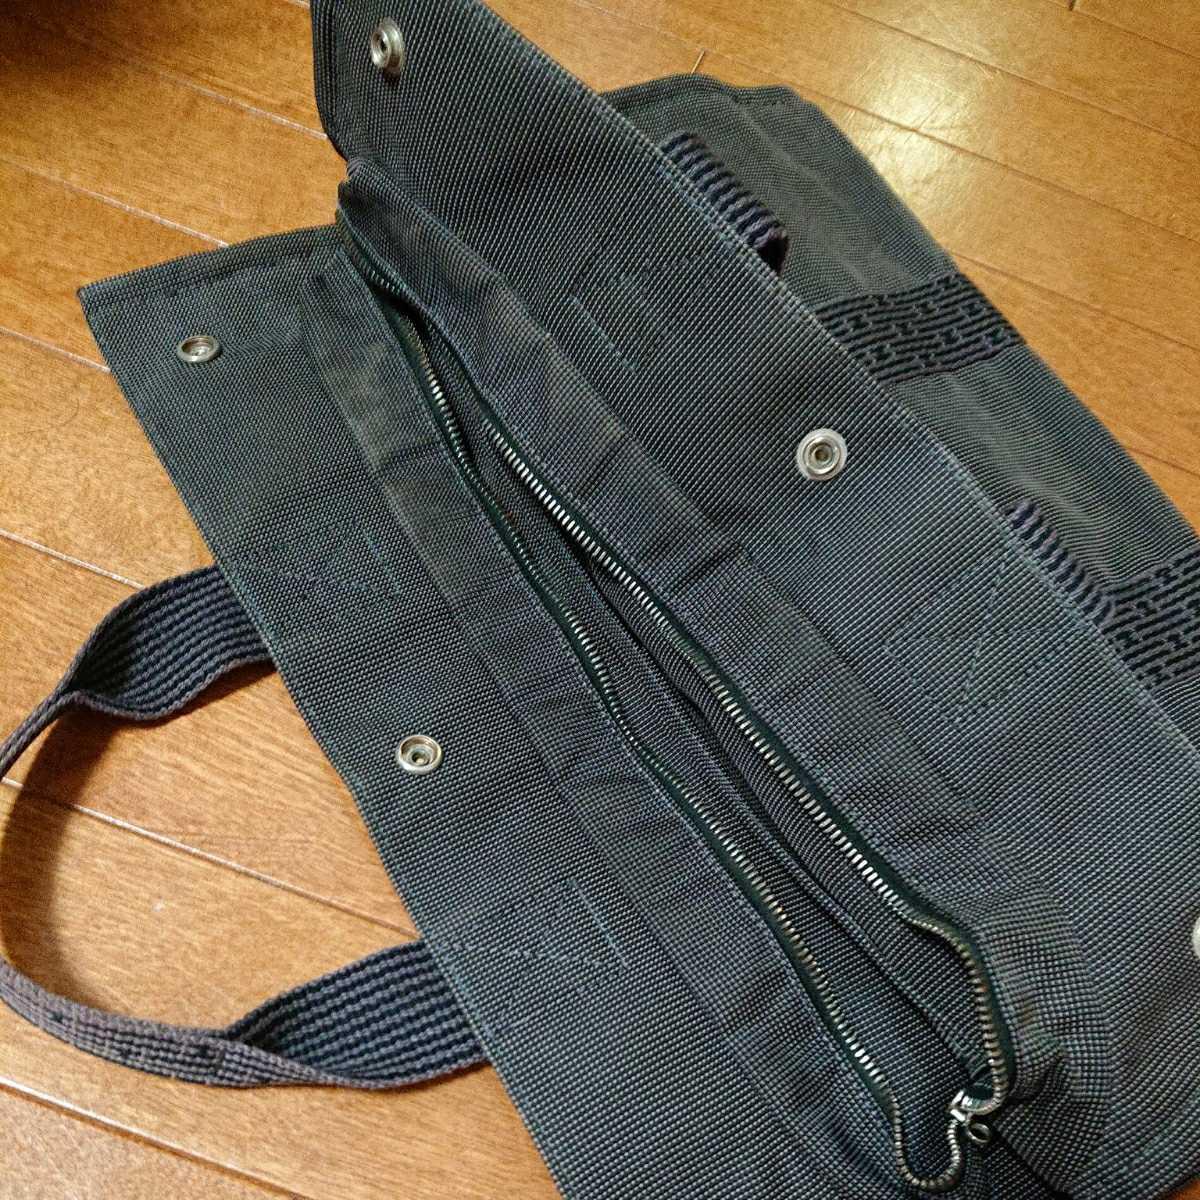 エルメス エルメスエールライン トートバッグ フールトゥ HERMES バッグ 男女兼用 ビジネスカバン 鞄 かばん 黒 ブラック_画像4